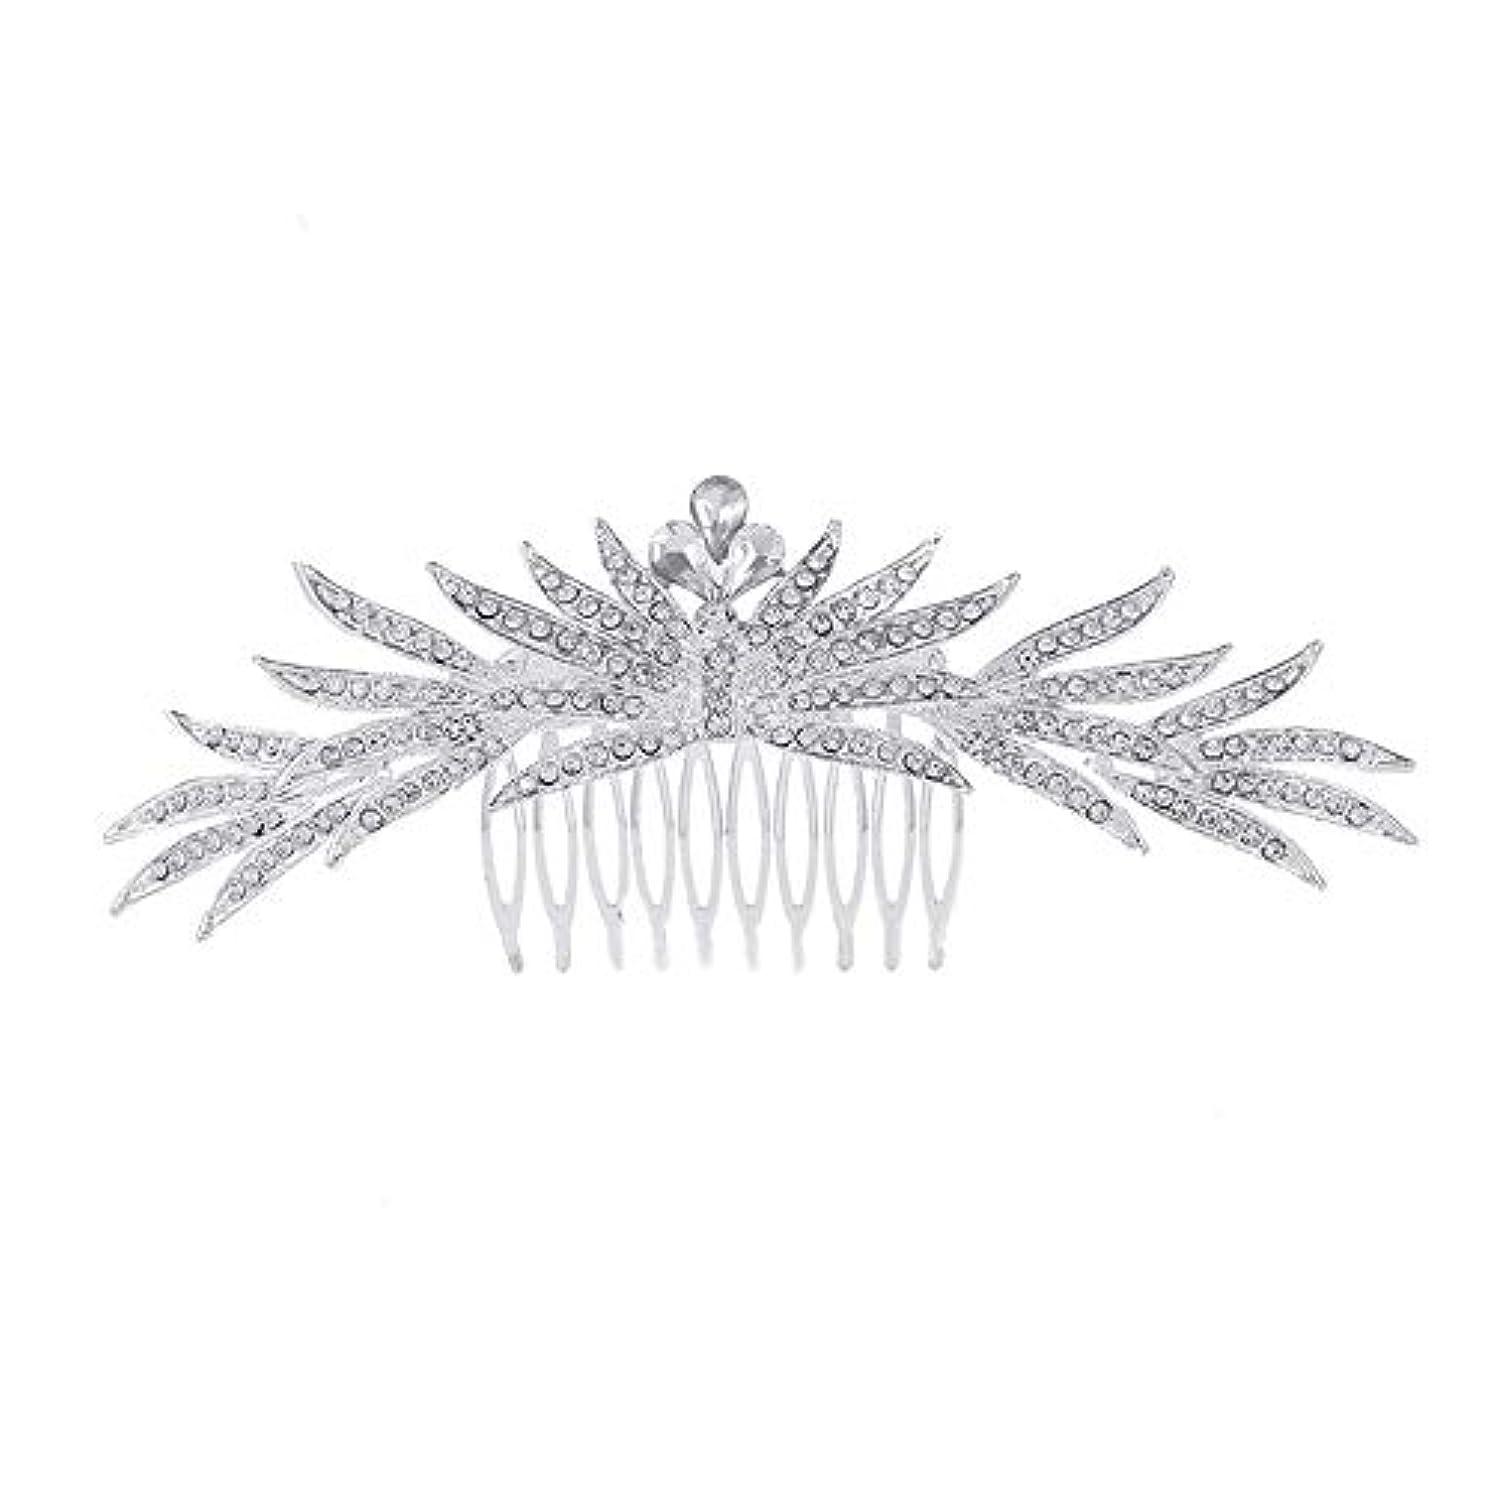 童謡恥ずかしさに関して髪の櫛の櫛の櫛花嫁の髪の櫛ラインストーンの櫛亜鉛合金ブライダルヘッドドレス結婚式のアクセサリー挿入櫛